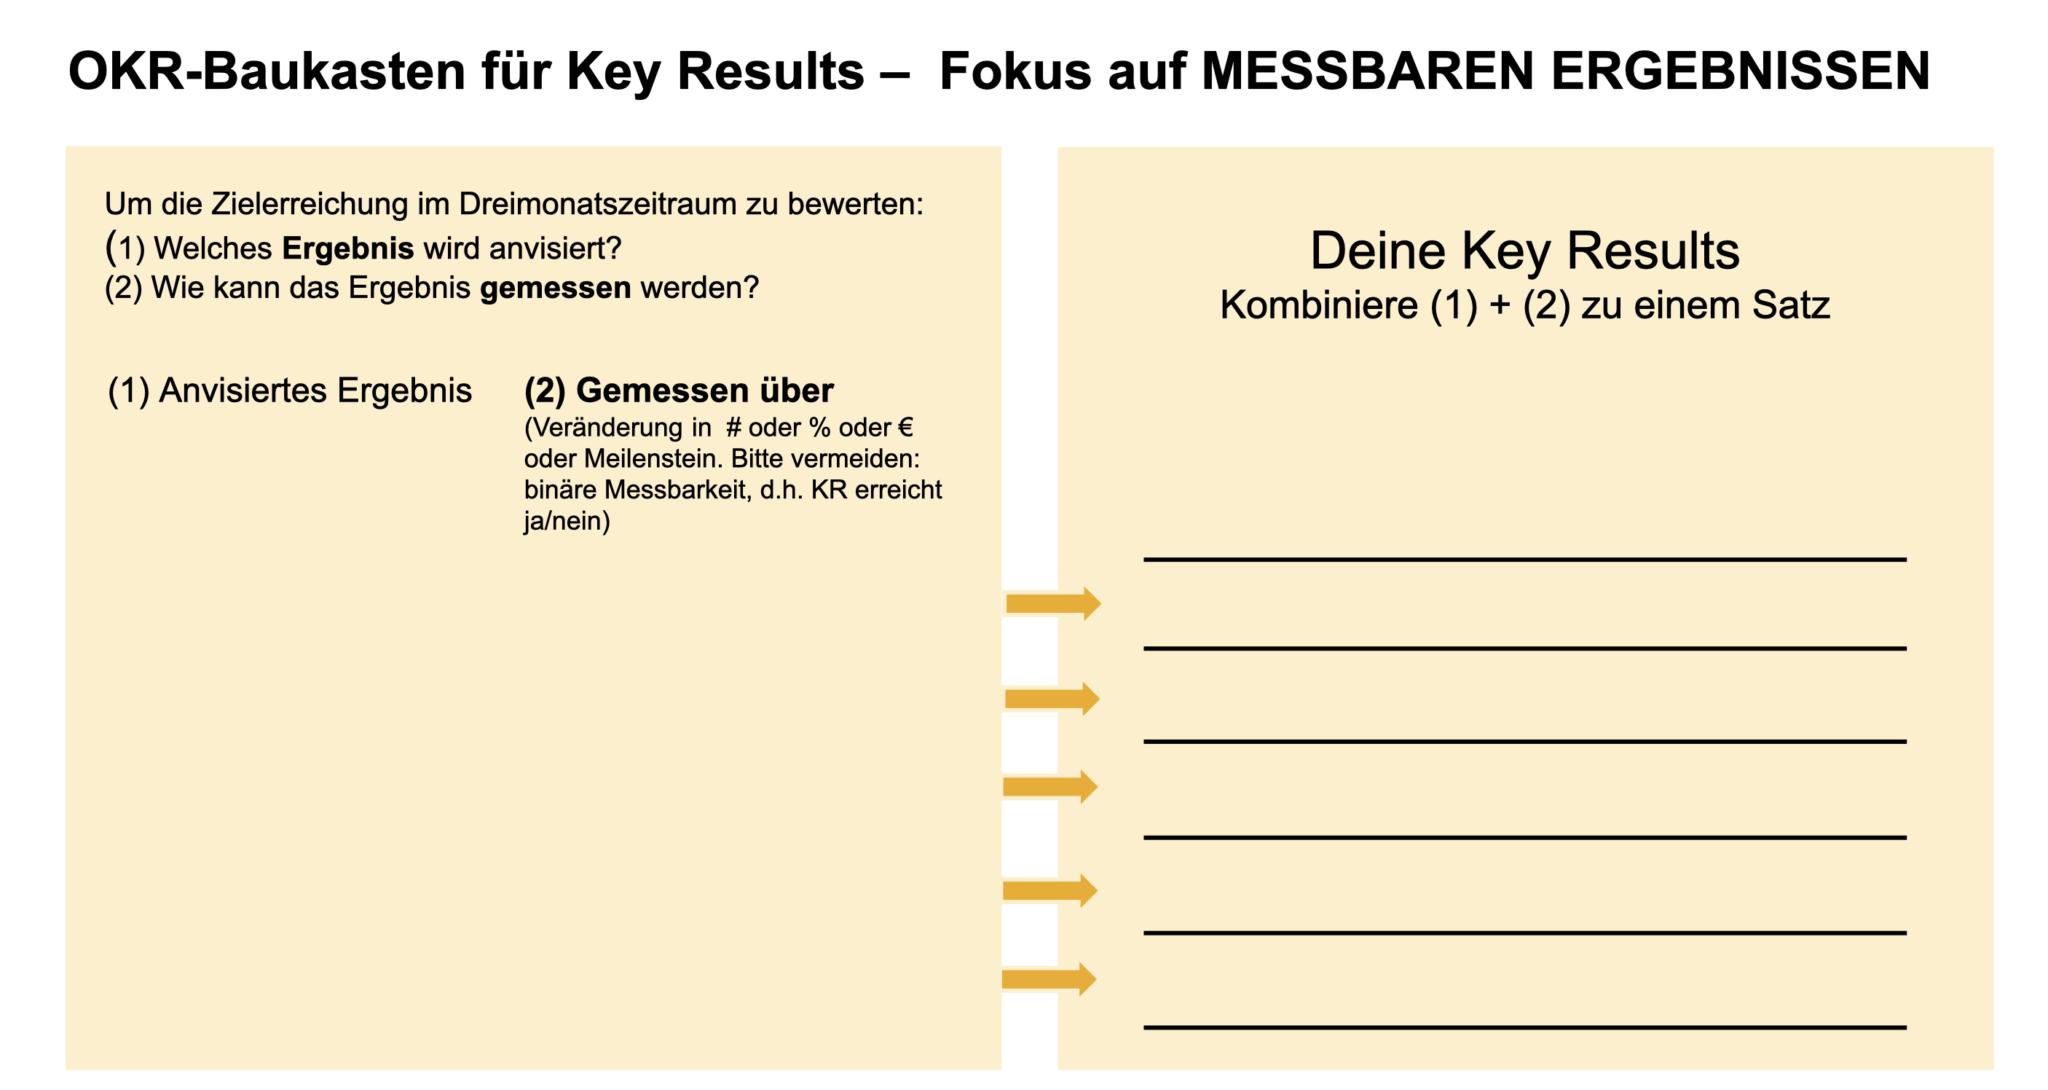 OKR Baukasten für Key Results